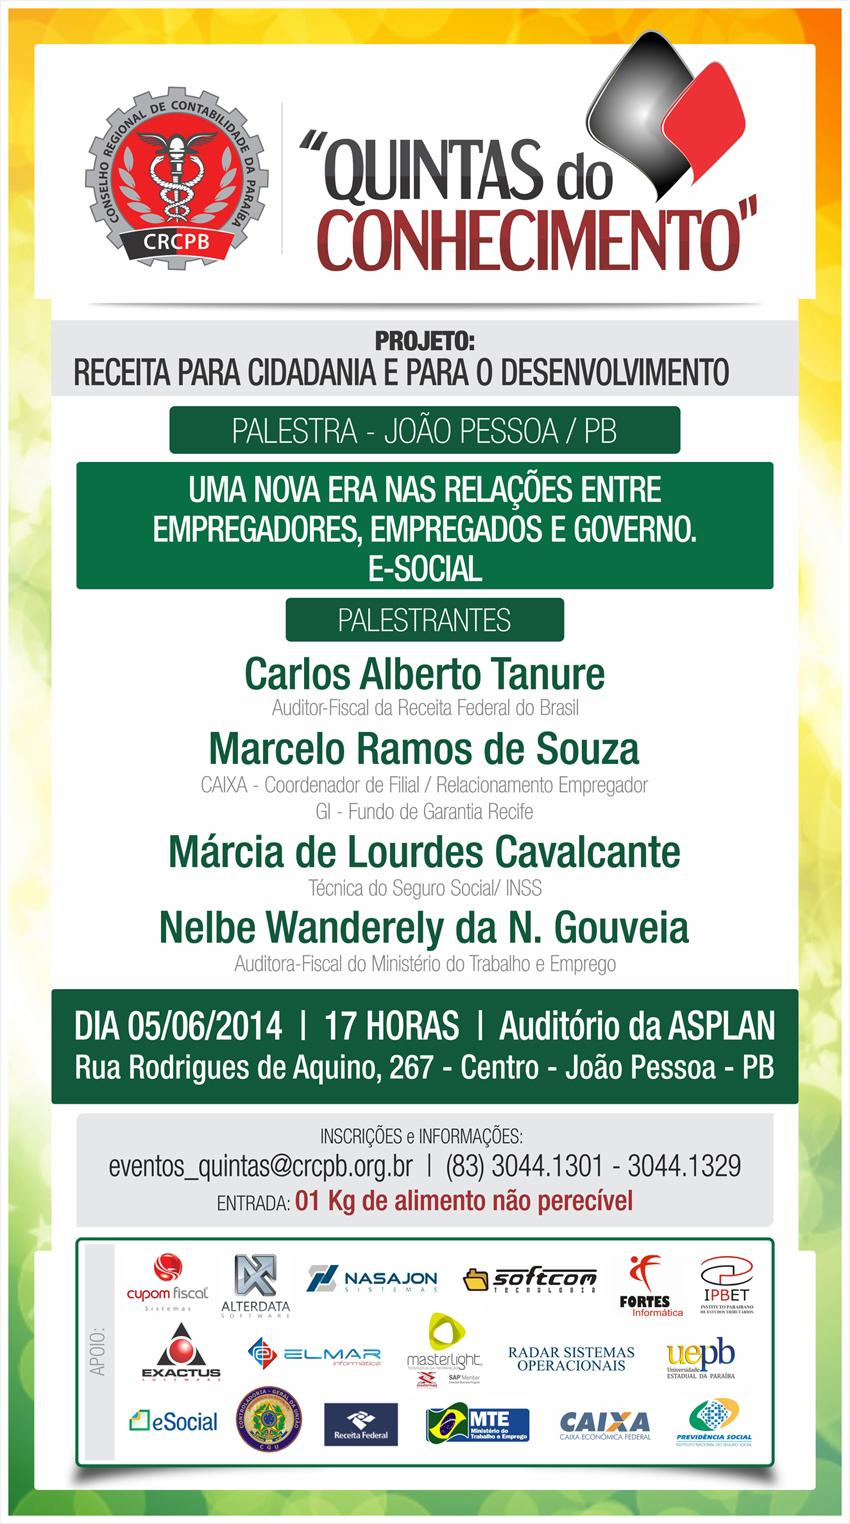 BANNER DIA 05.06.2014 JOÃO PESSOA